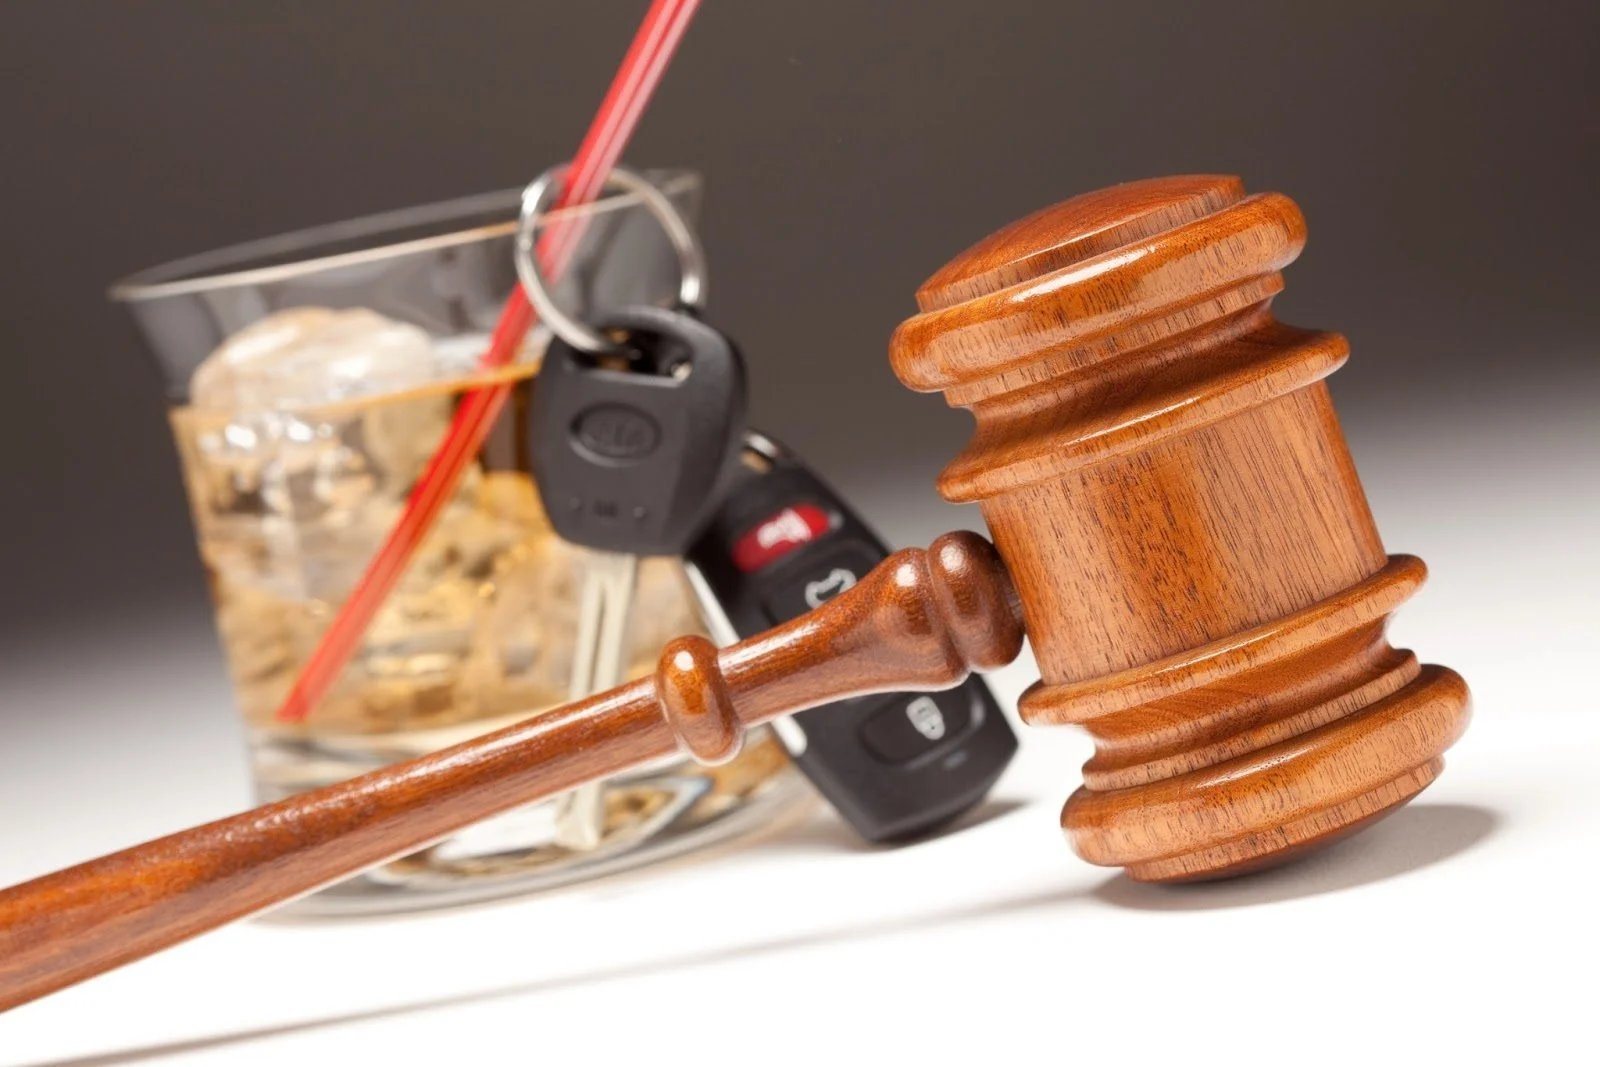 Assoluzione dal reato di guida in stato di ebbrezza per un nostro assistito. Perché è stato Assolto ?